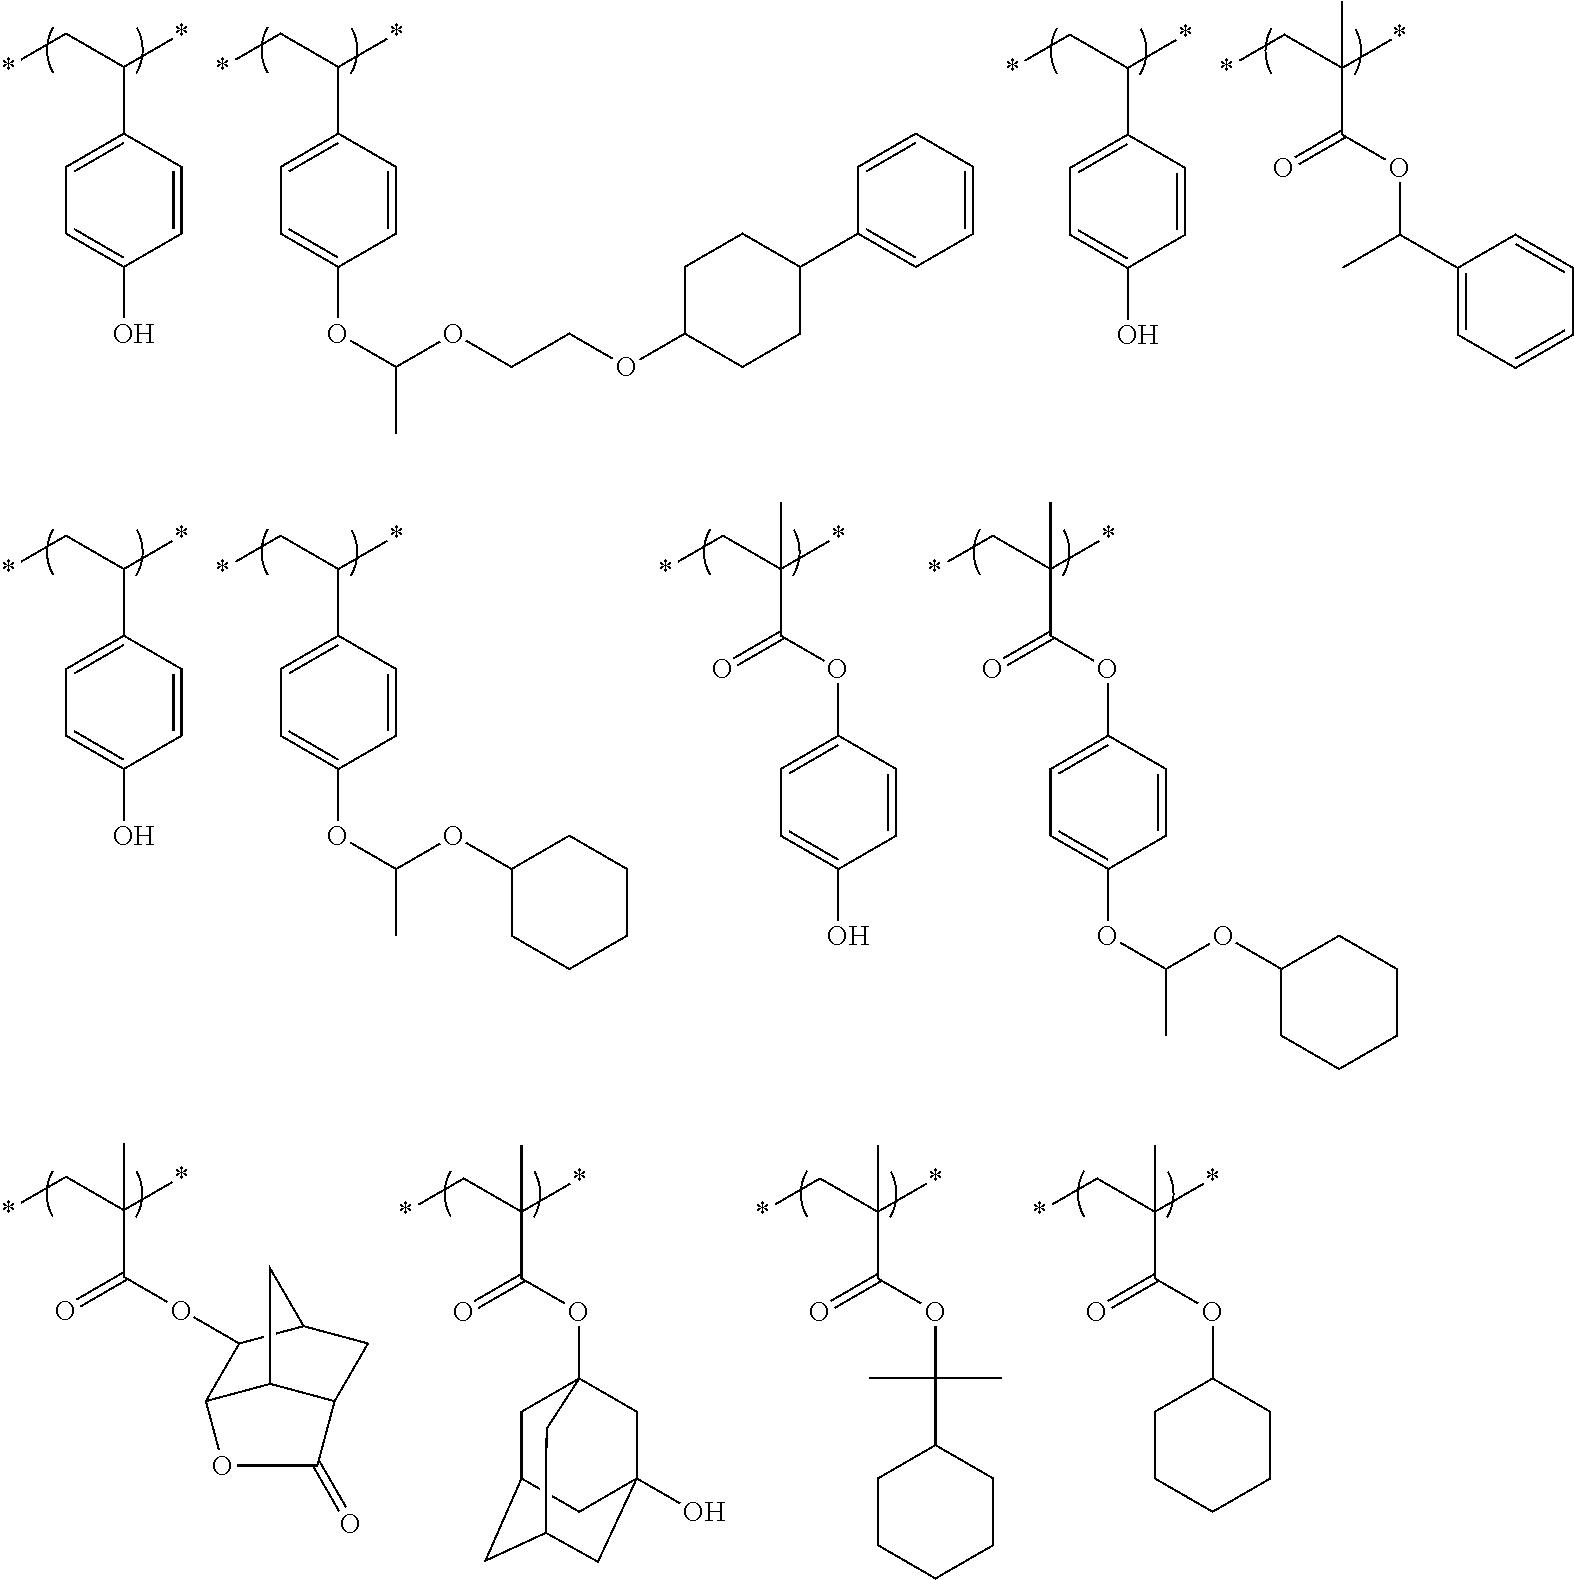 Figure US20110183258A1-20110728-C00078